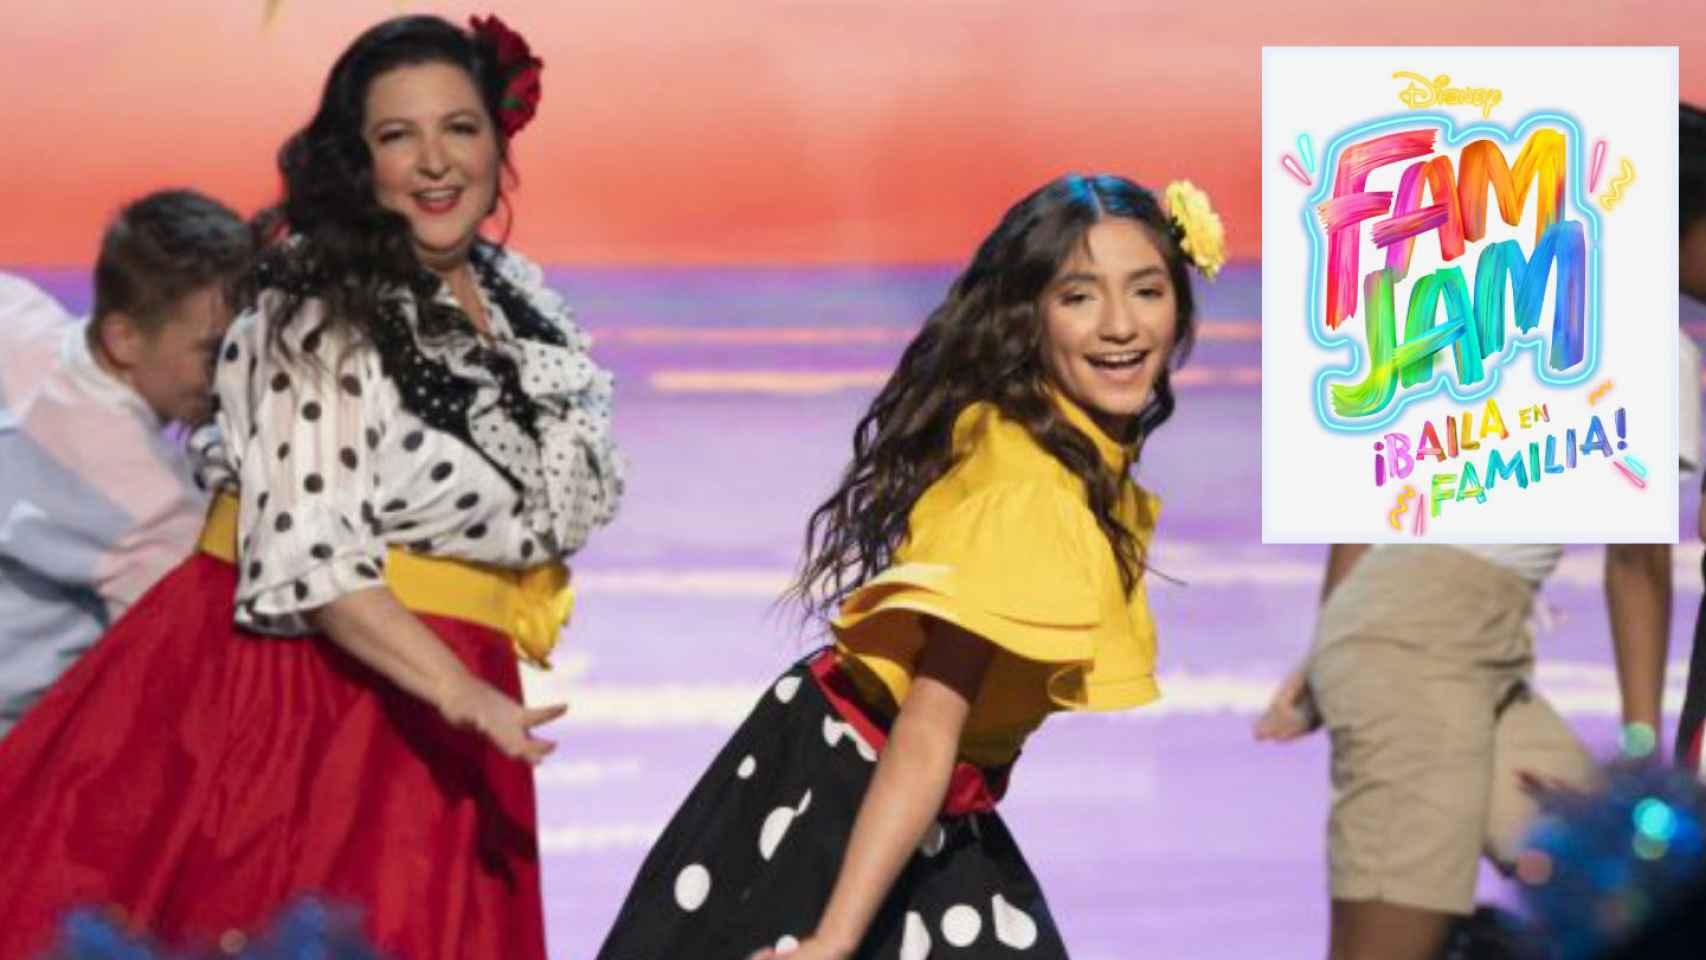 El logo de 'Fam Jam España' junto a dos concursantes en montaje de JALEOS.